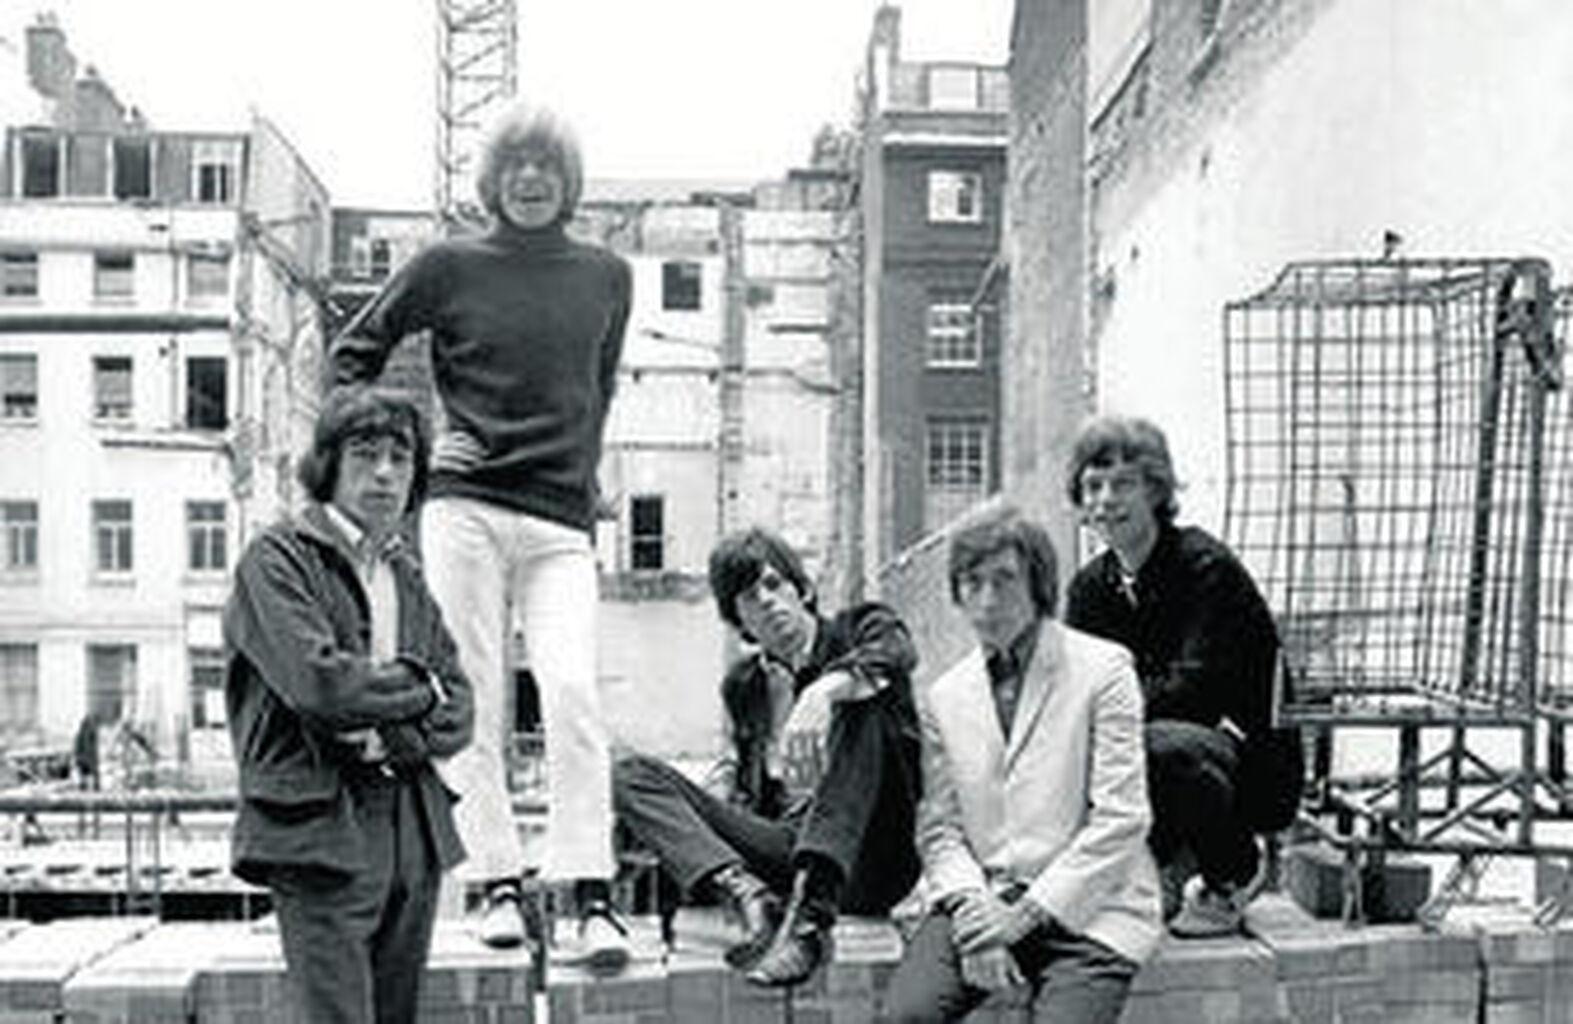 Celebran Aniversario The Concierto Stones Su De 50 Primer Hoy Rolling El CrxtQshd